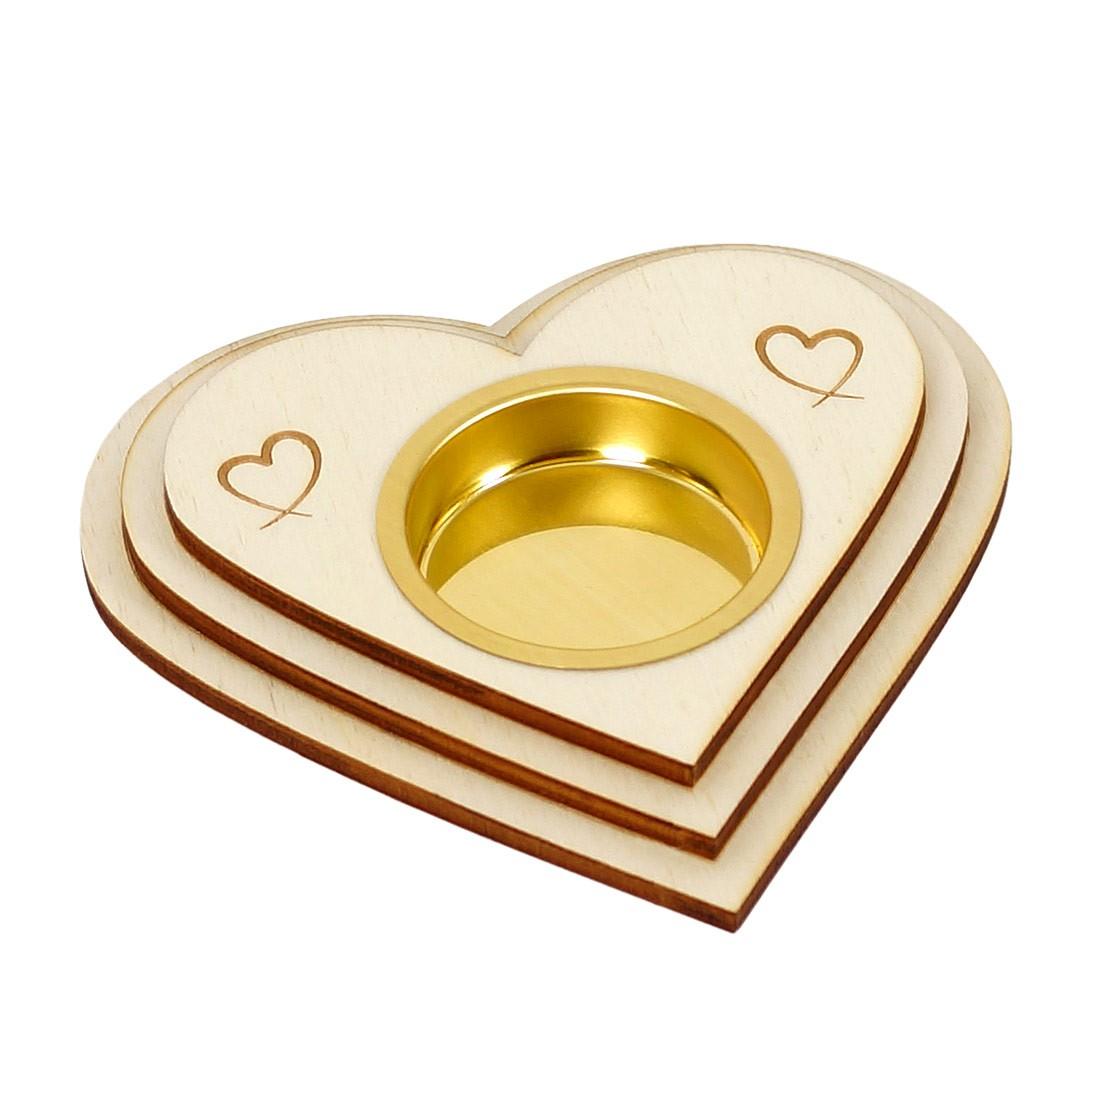 Herz Teelichthalter Liebe Dekoration Aus Holz Optional